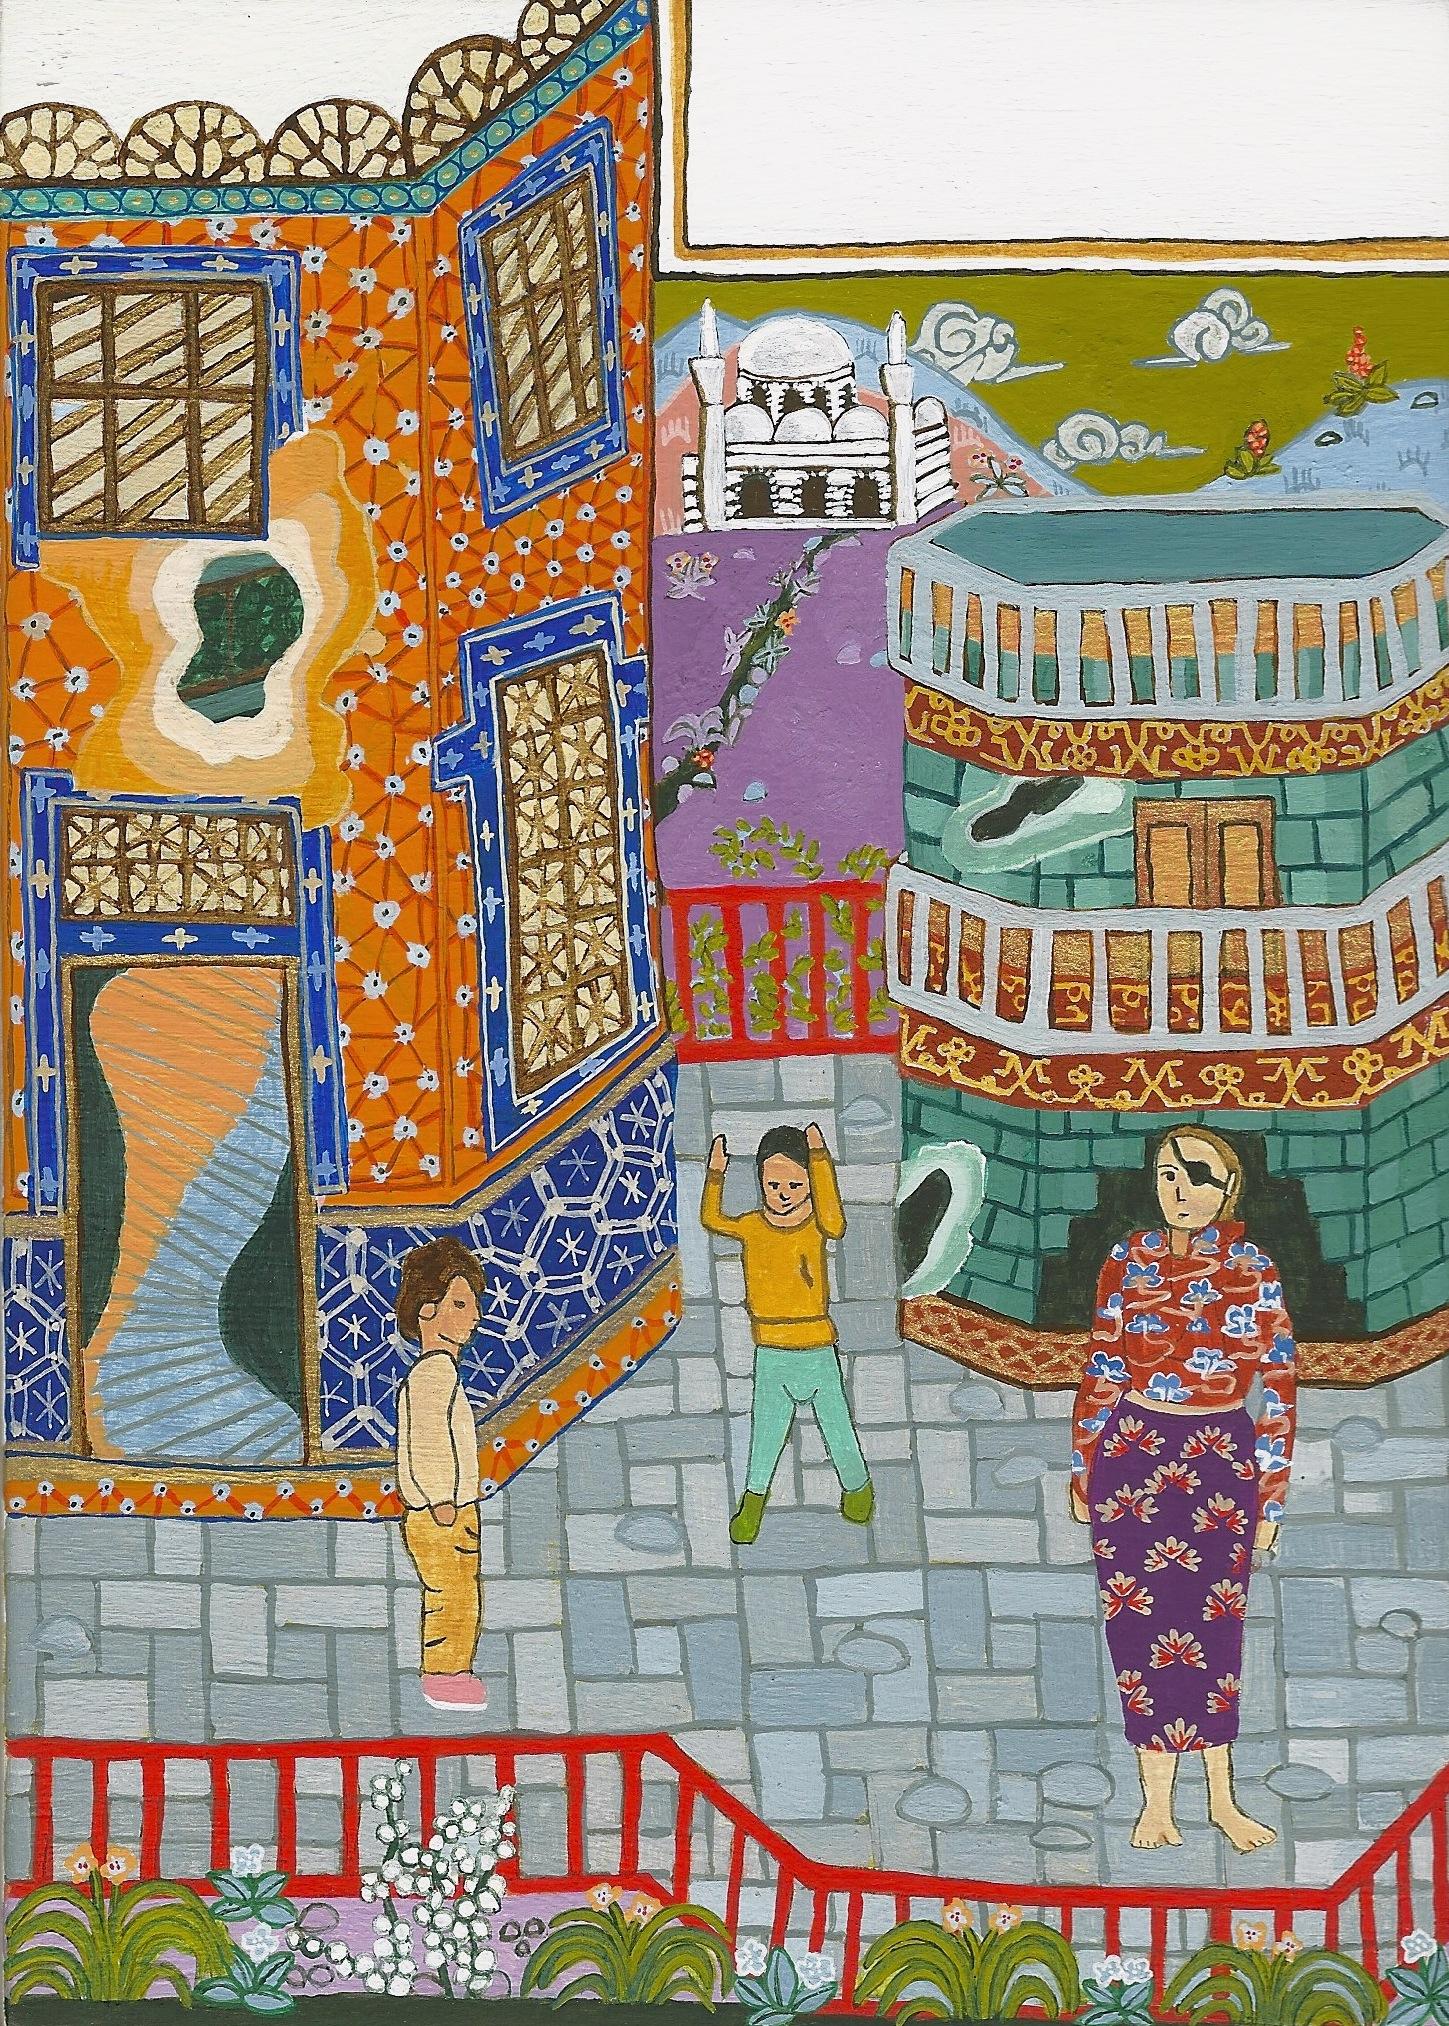 Destruction of Homs , 2012, handmade egg tempera on panel, 7 x 5 in.